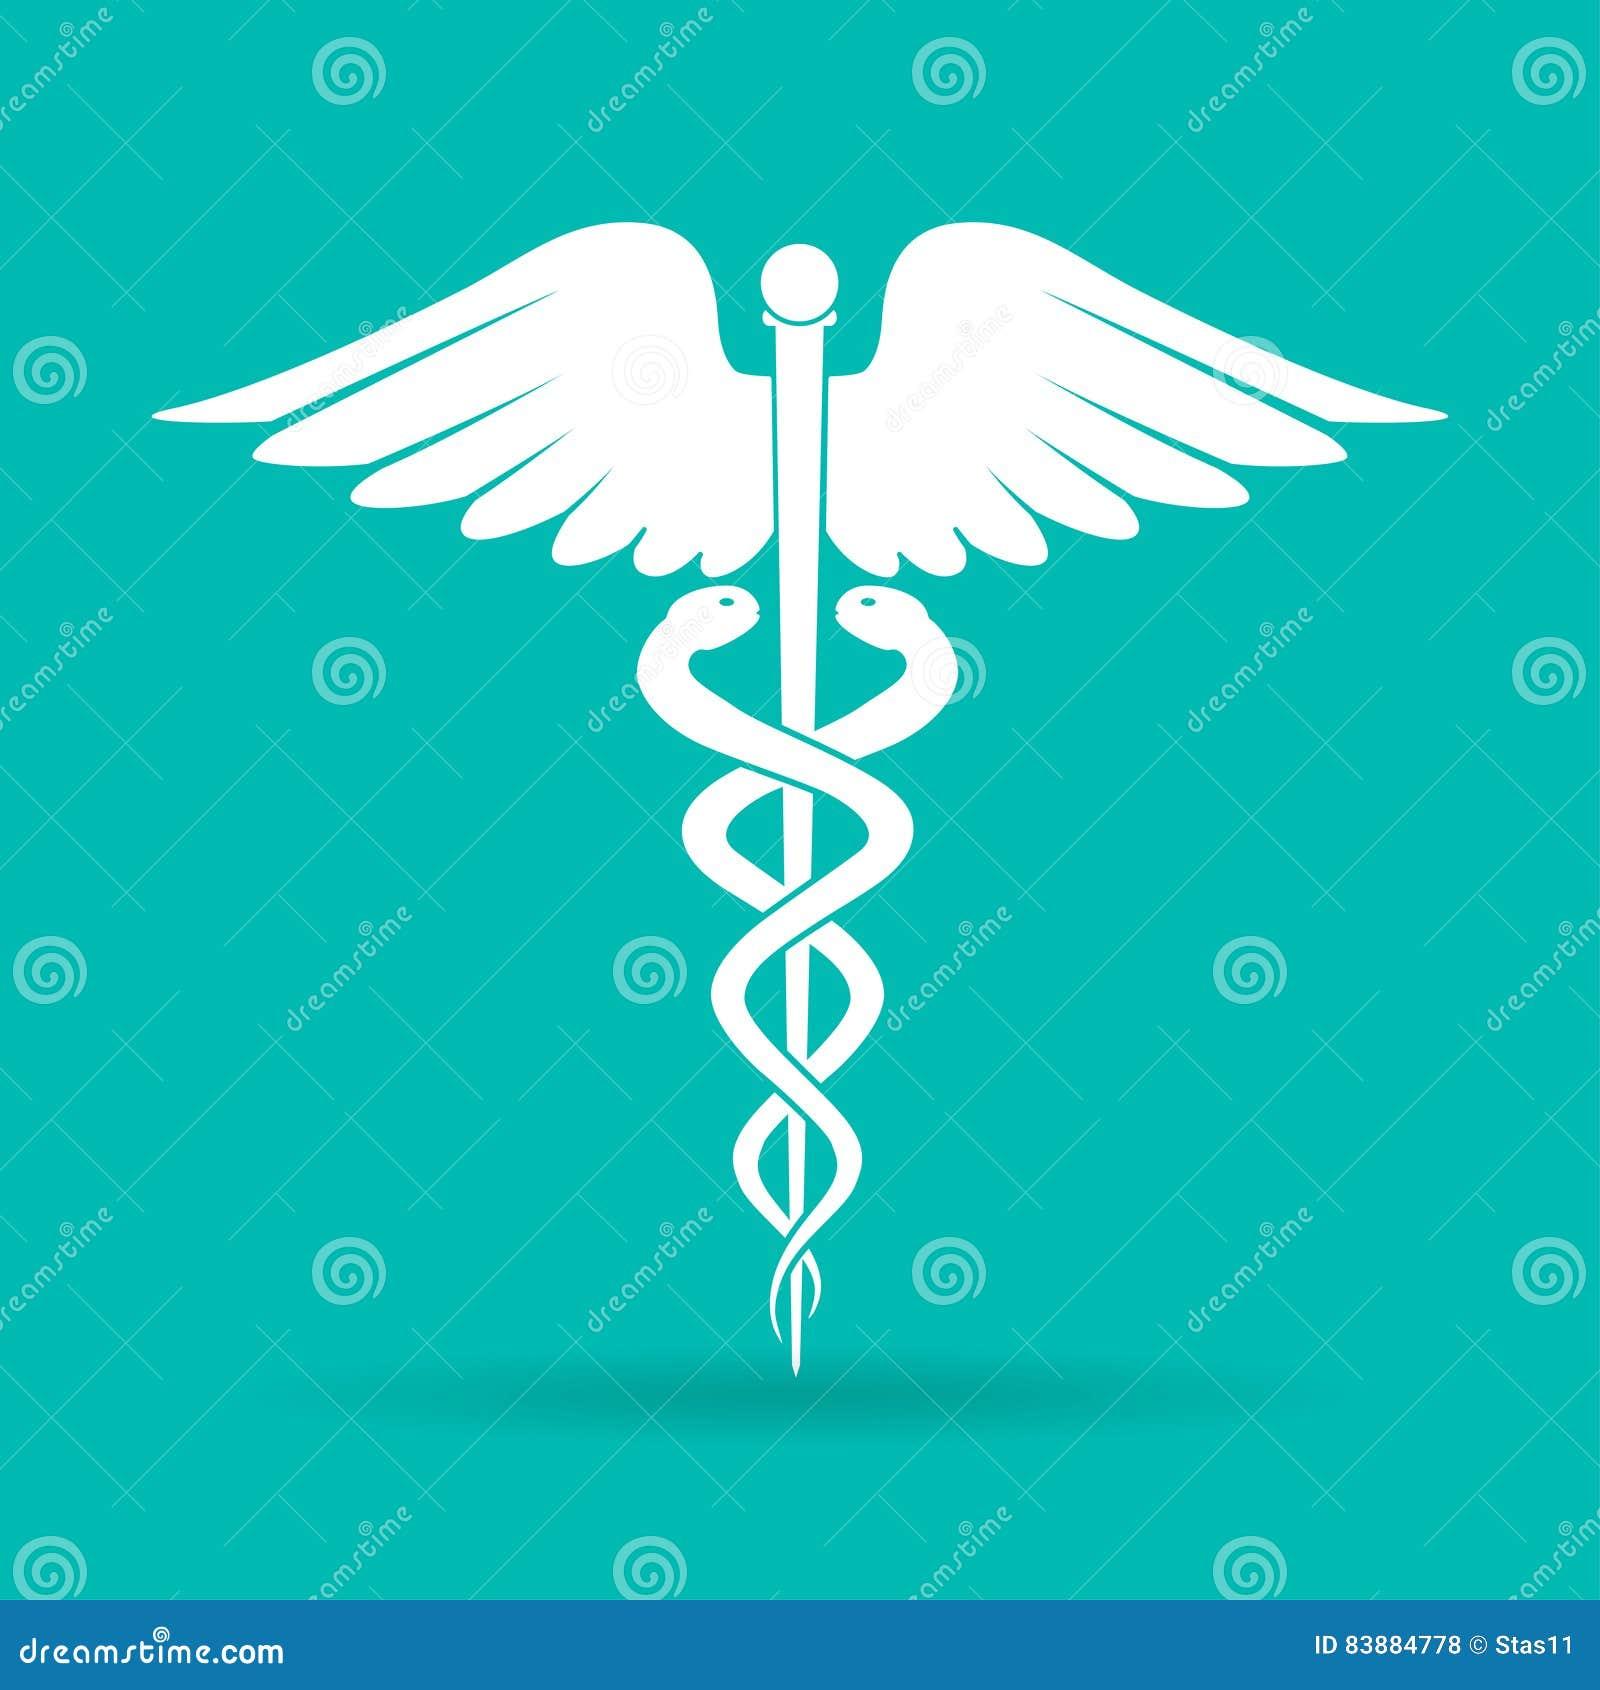 snake sign cartoon vector cartoondealer com 28924723 Cadeus Medical Cadeus Medical